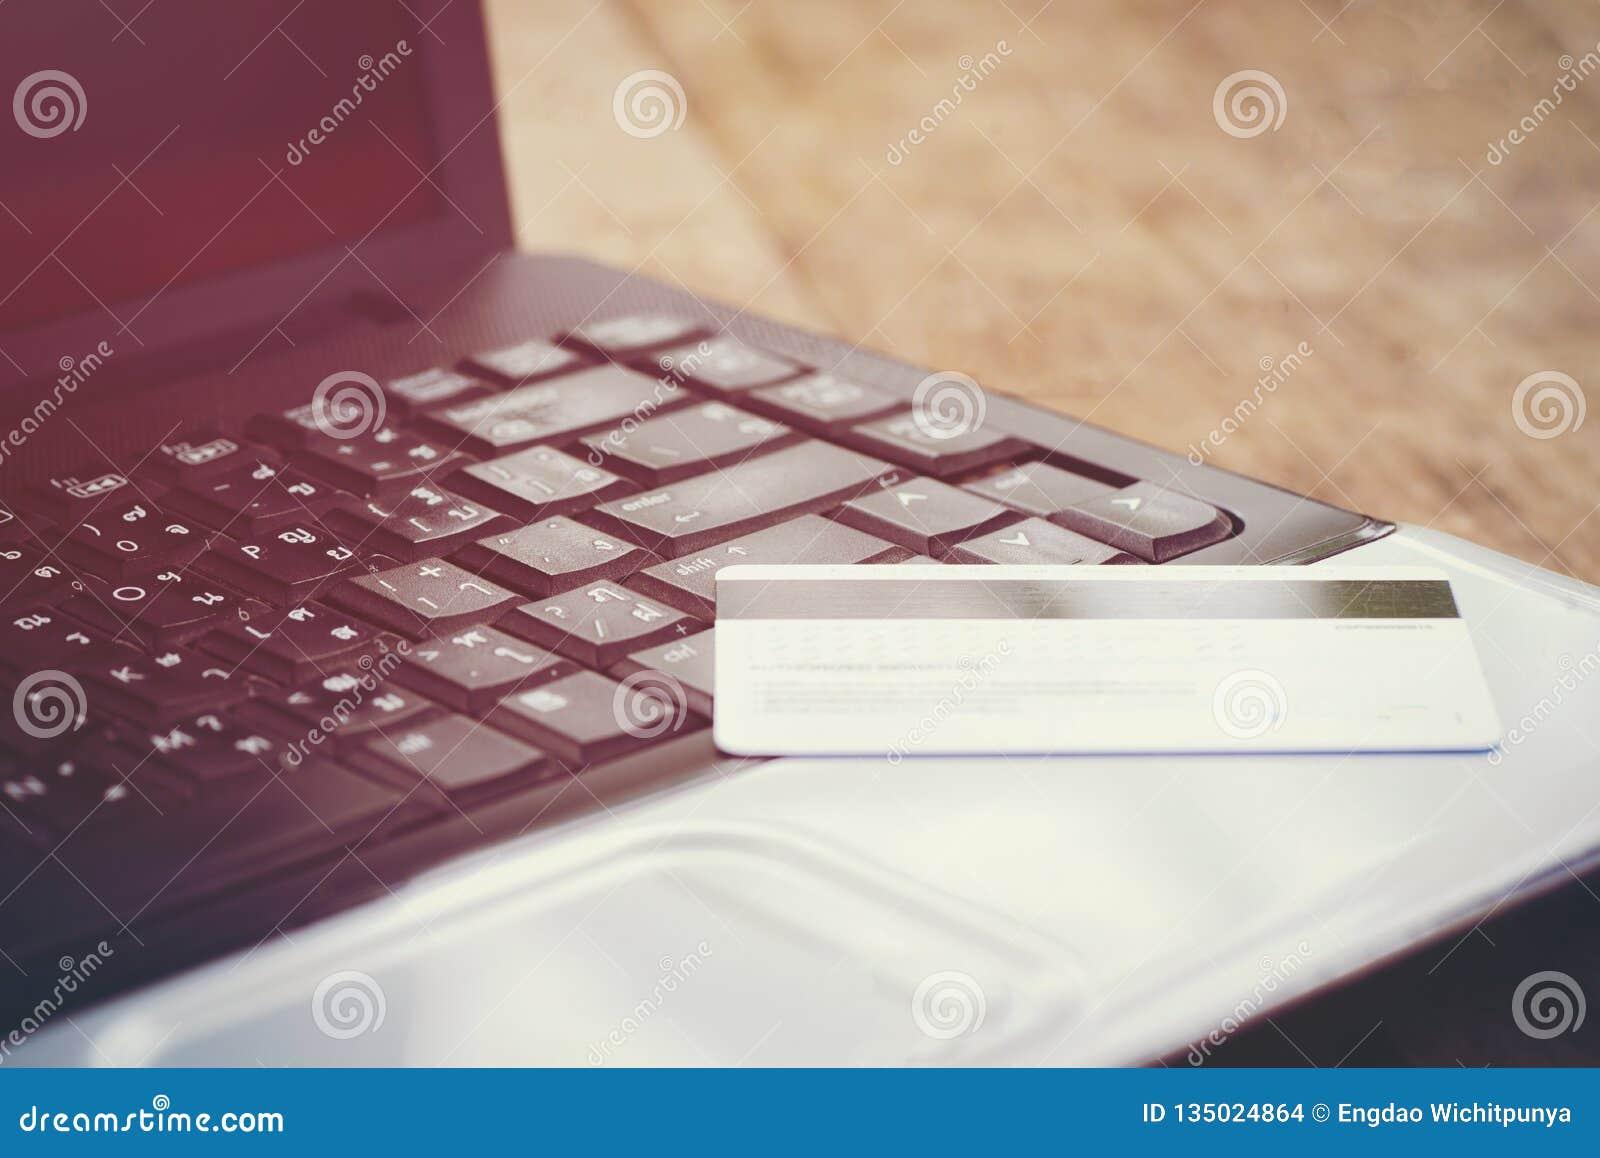 Tarjeta de crédito y usar crédito en línea y la tarjeta de débito del concepto del pago fácil del ordenador portátil que hace com